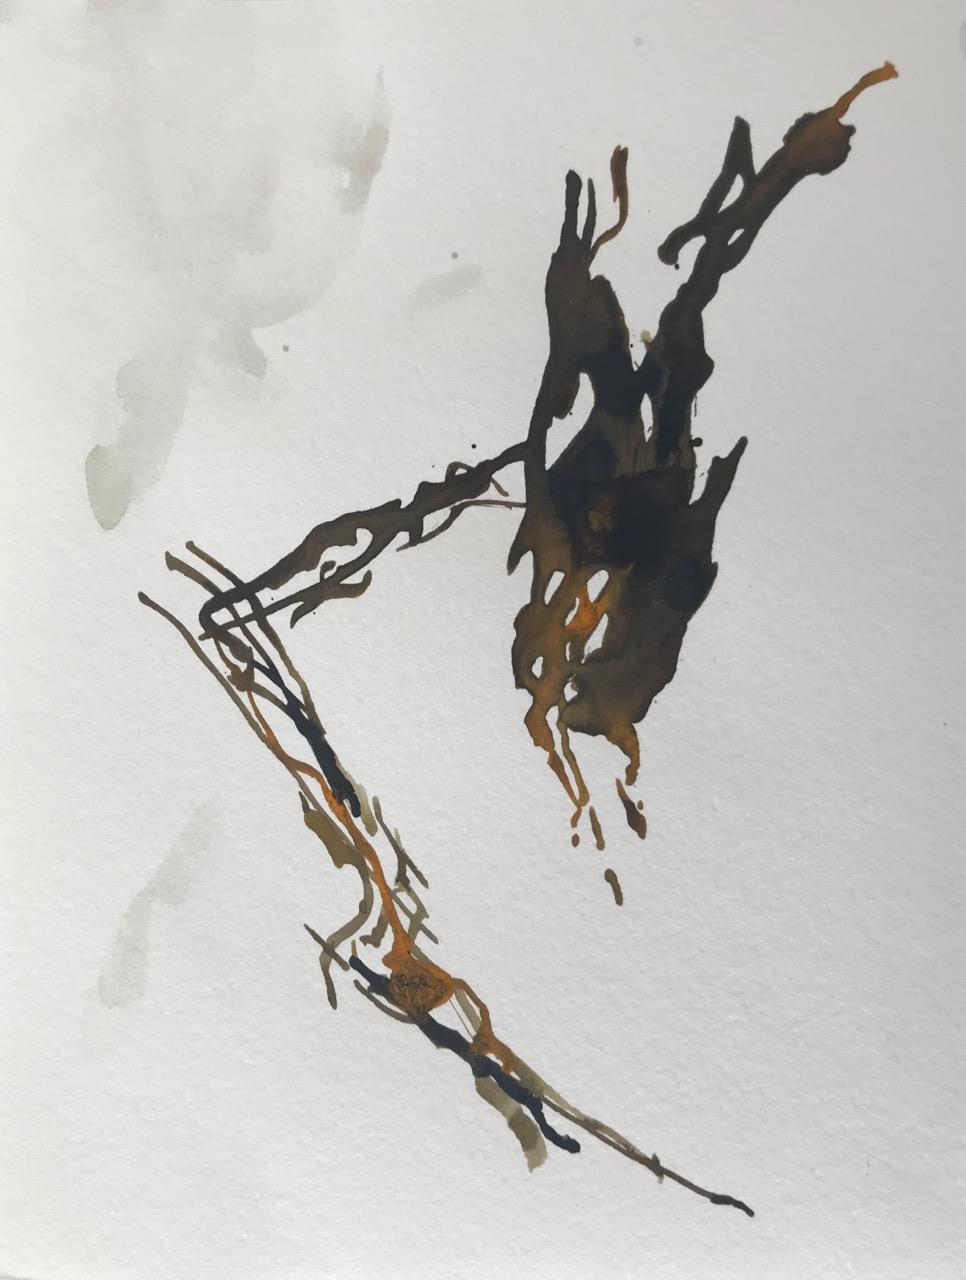 Kleine Enzyklopädie der Mittelmeerquallen Pt.2, Aquarell und Tusche auf Papier, 21 x 30 cm, 2018